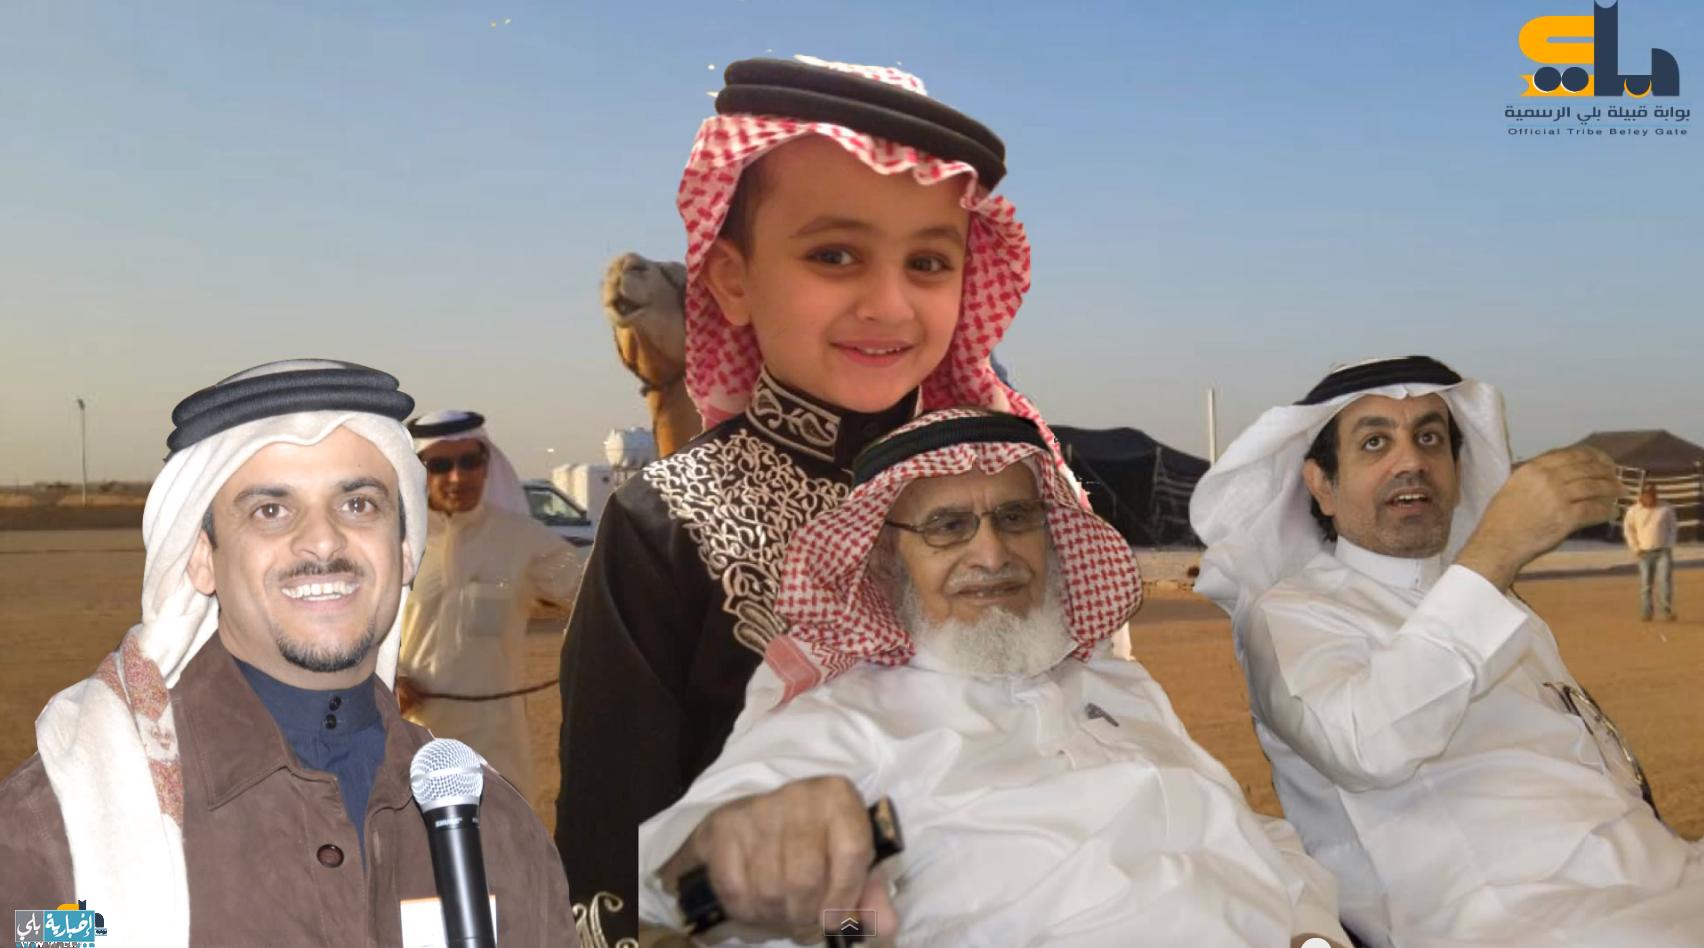 (فيديو) الشاعر حمد السعيد يهدي قصيدة (سطام) لمحمد حماد البلوي بمناسة المولود الجديد